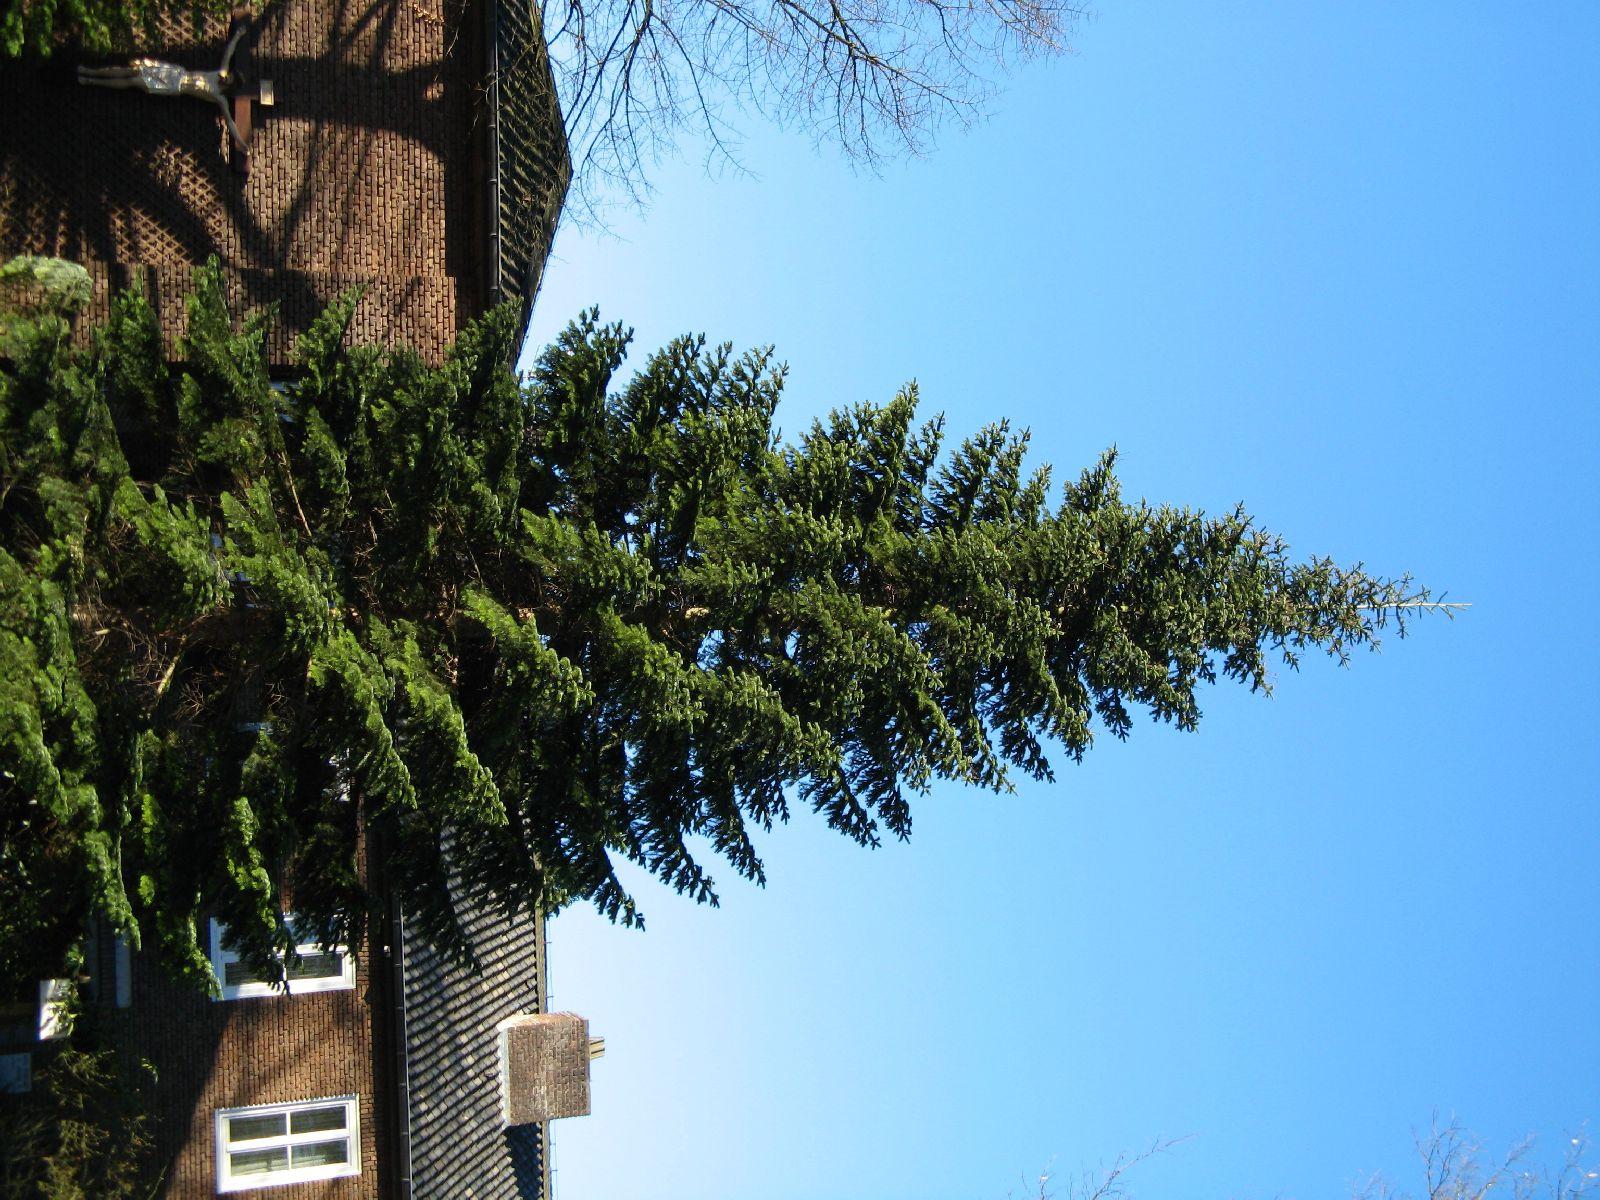 Pflanzen-Baum-Foto_Textur_B_42230